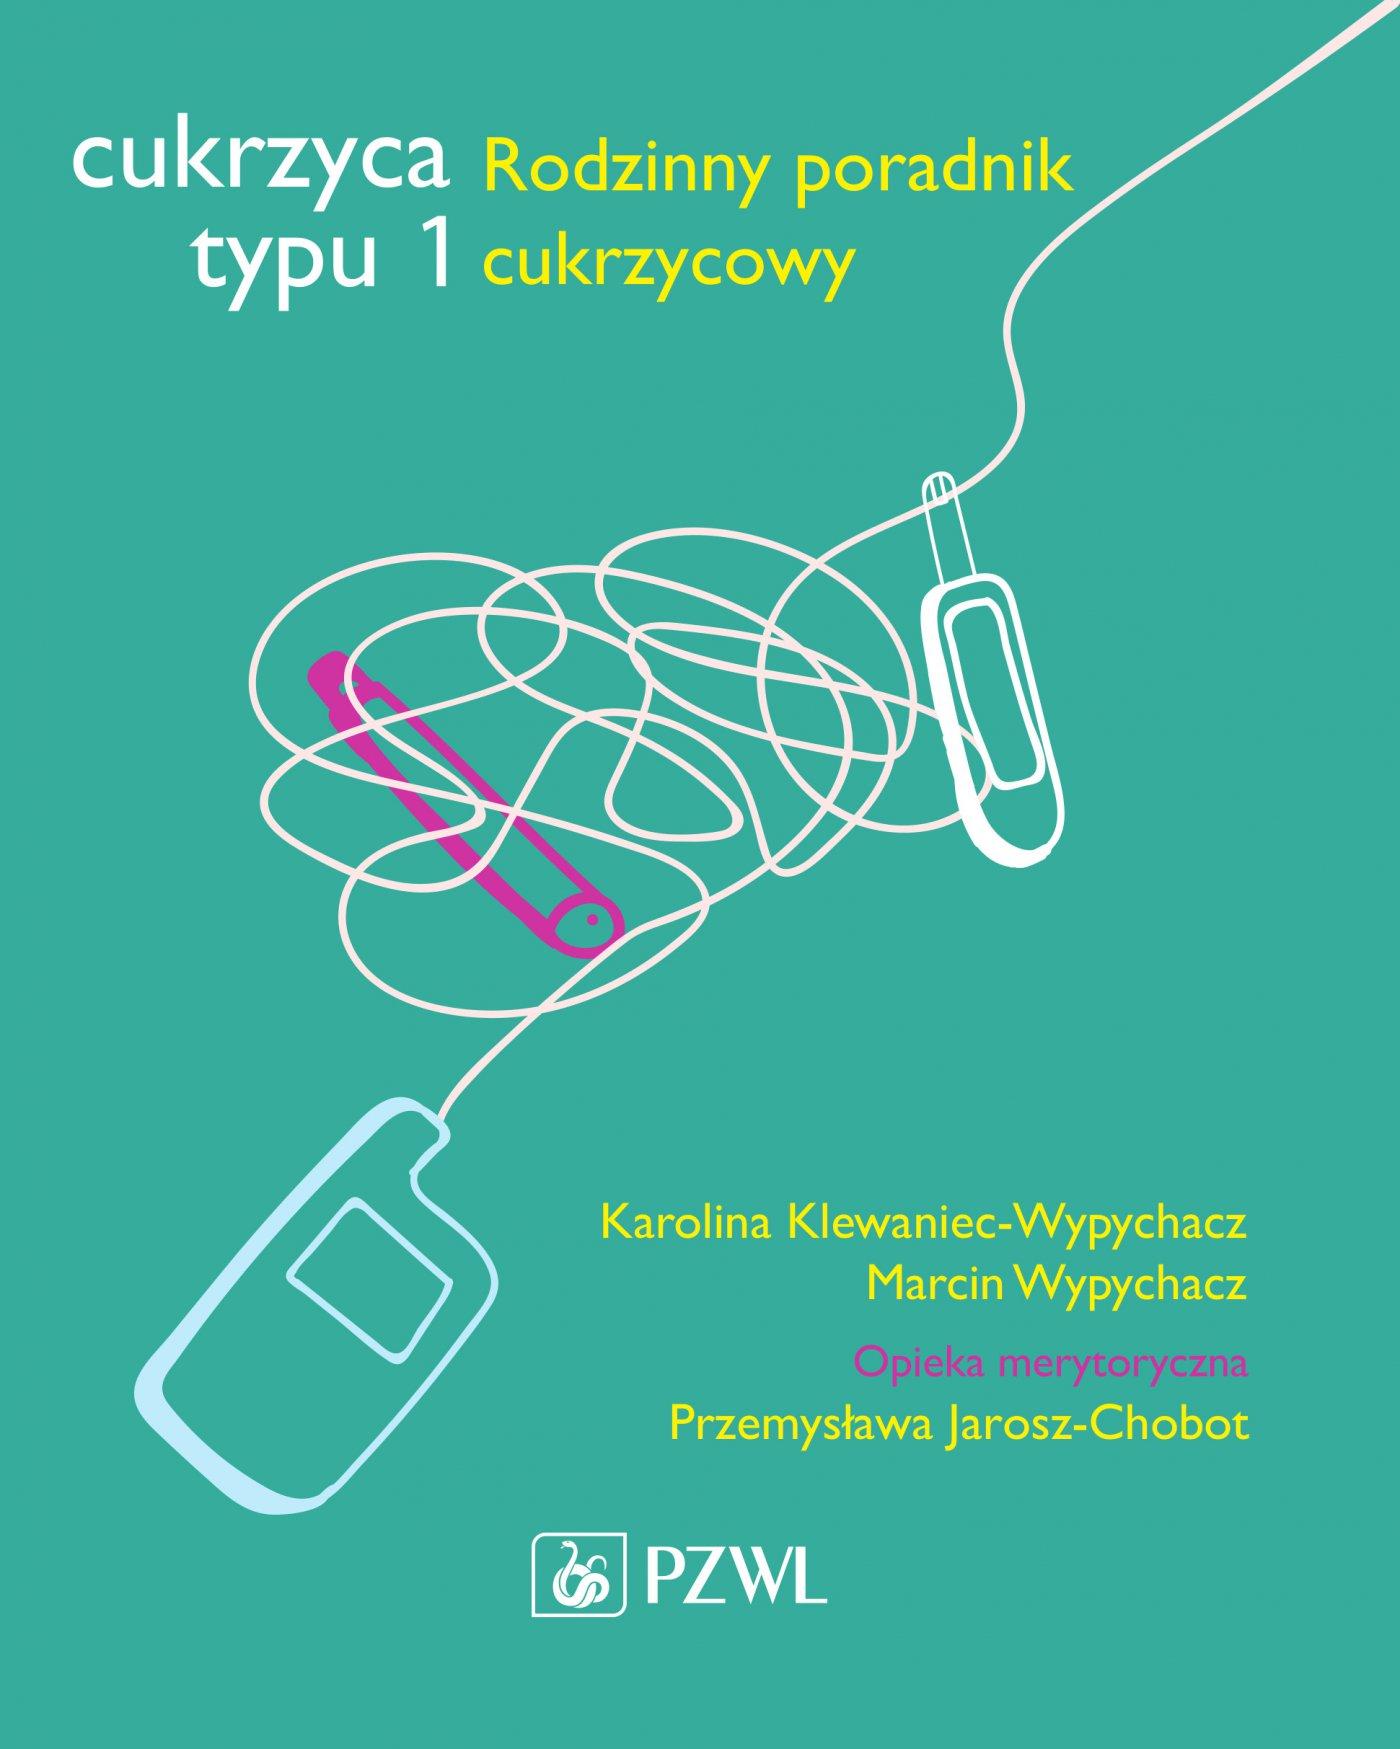 Cukrzyca typu 1. Rodzinny poradnik cukrzycowy - Ebook (Książka na Kindle) do pobrania w formacie MOBI